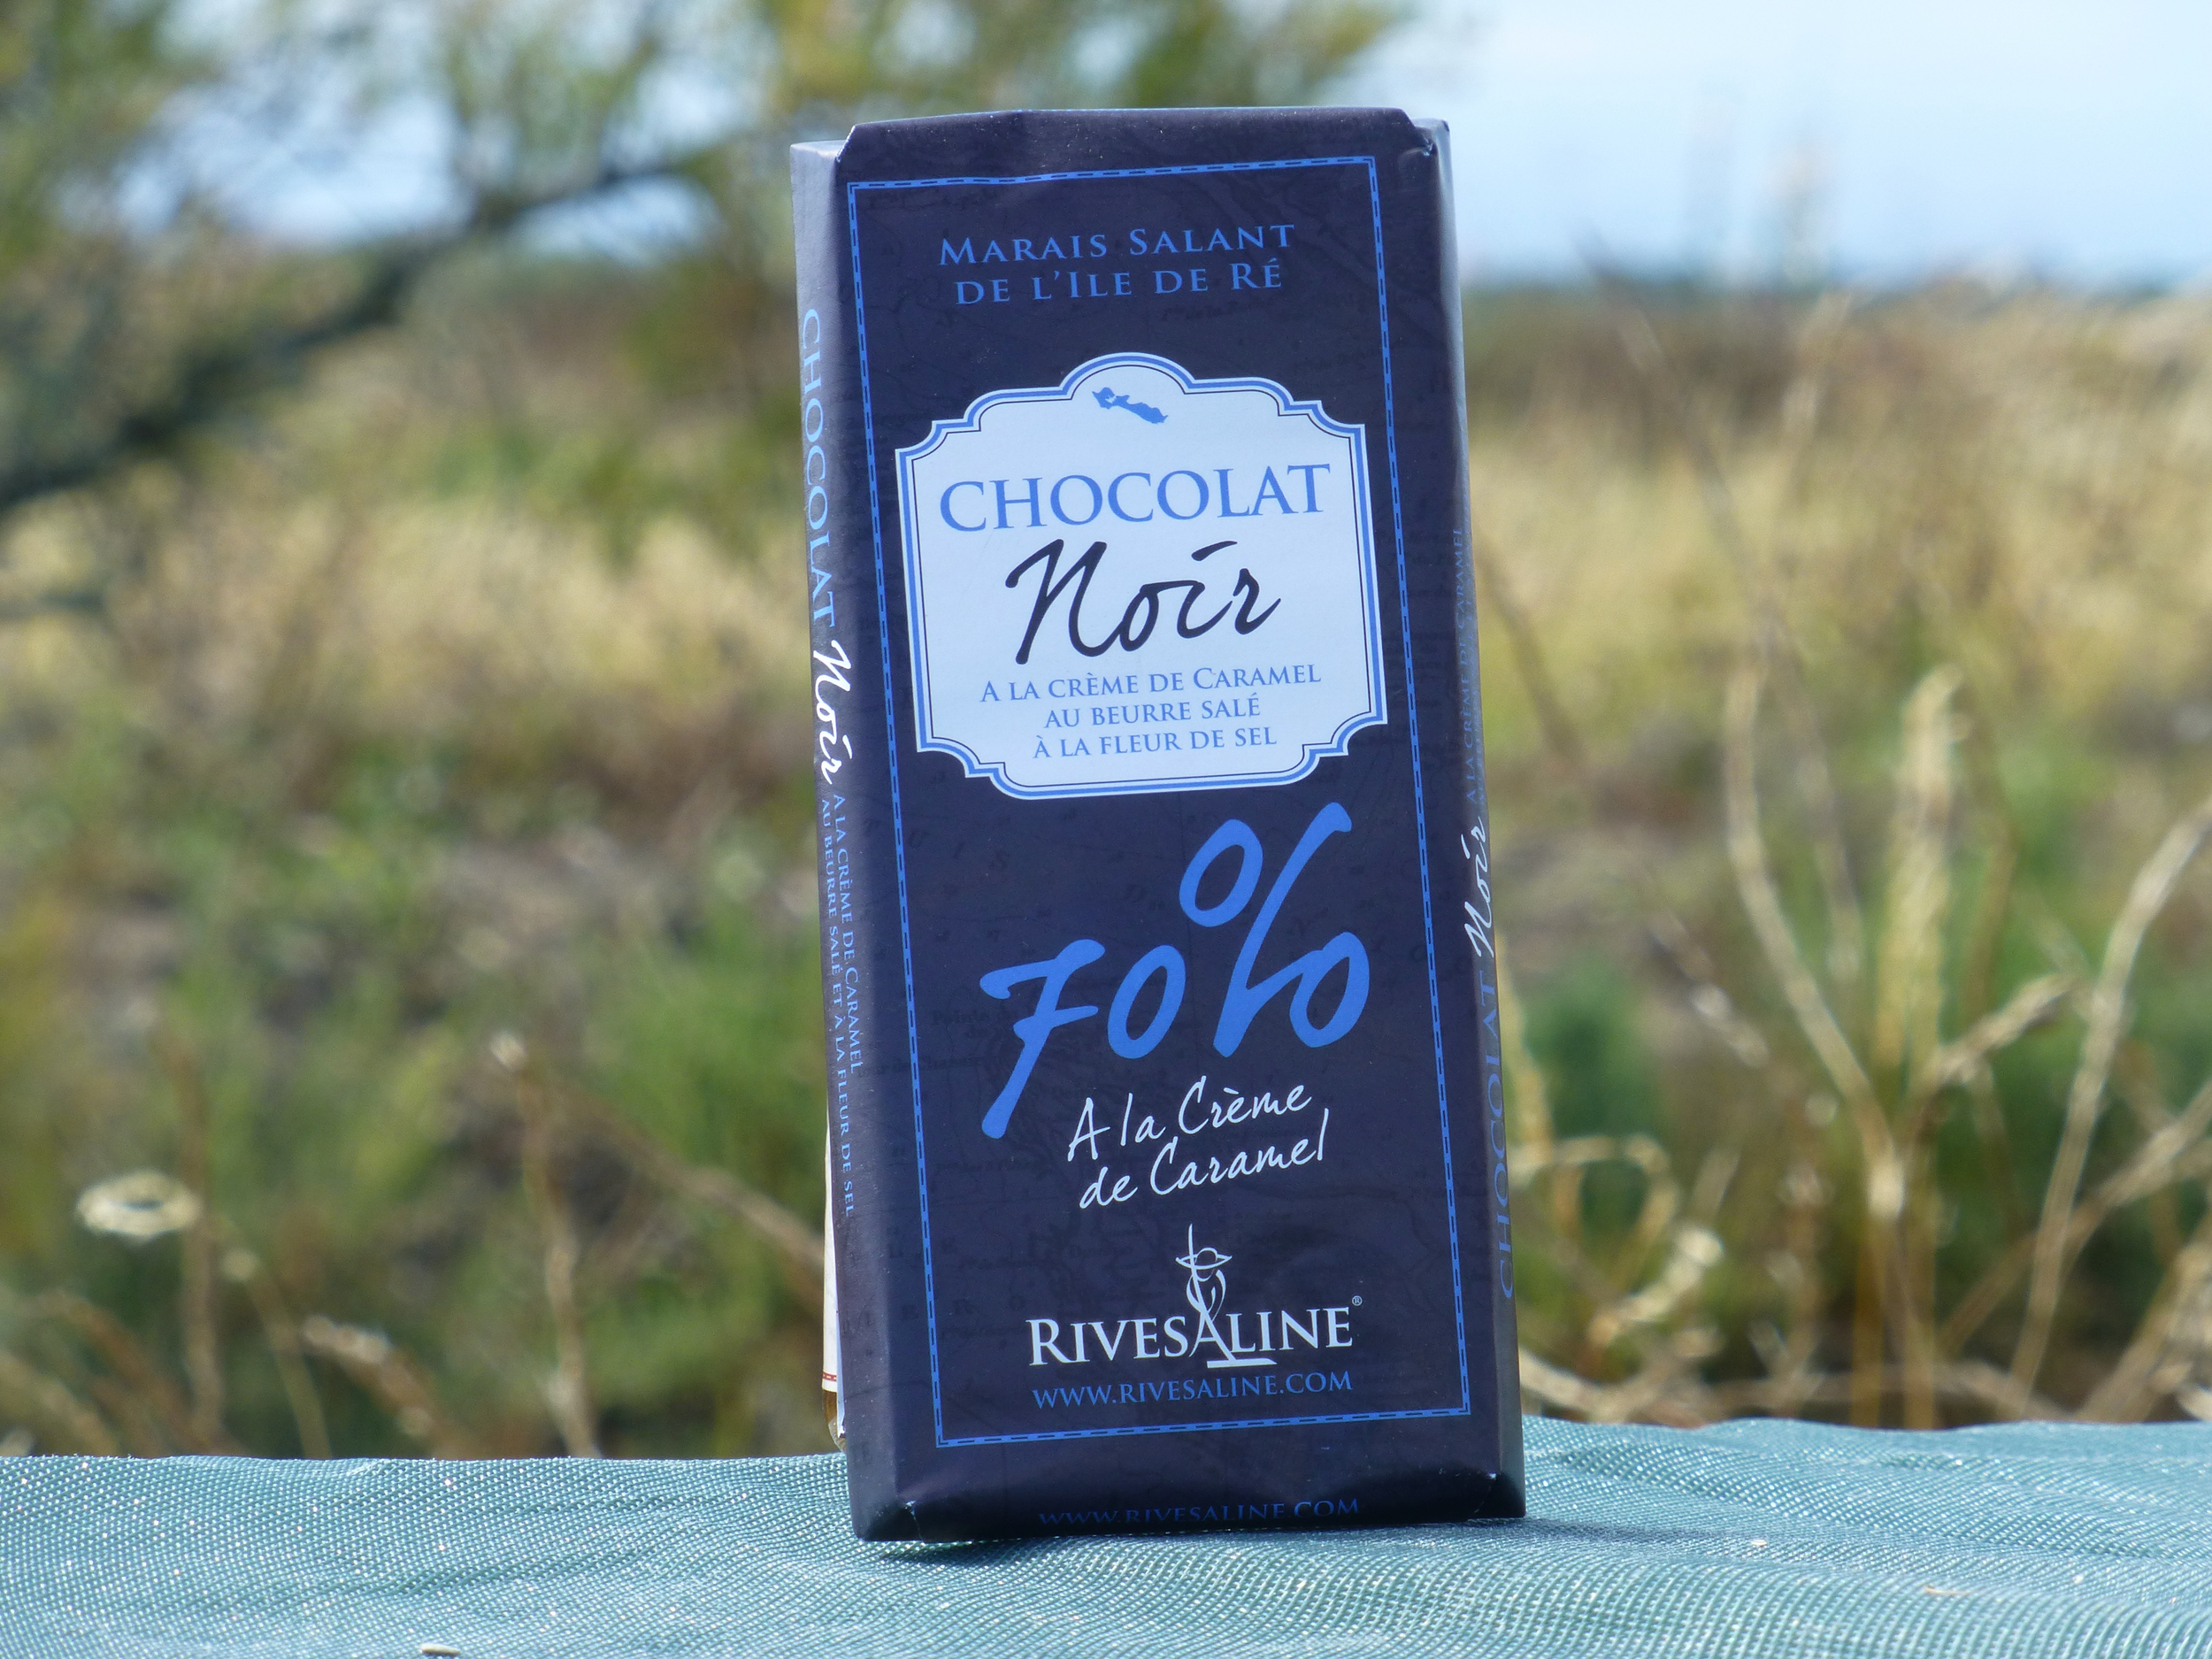 Tablette de chocolat noir fourré à la crème caramel - RIVESALINE